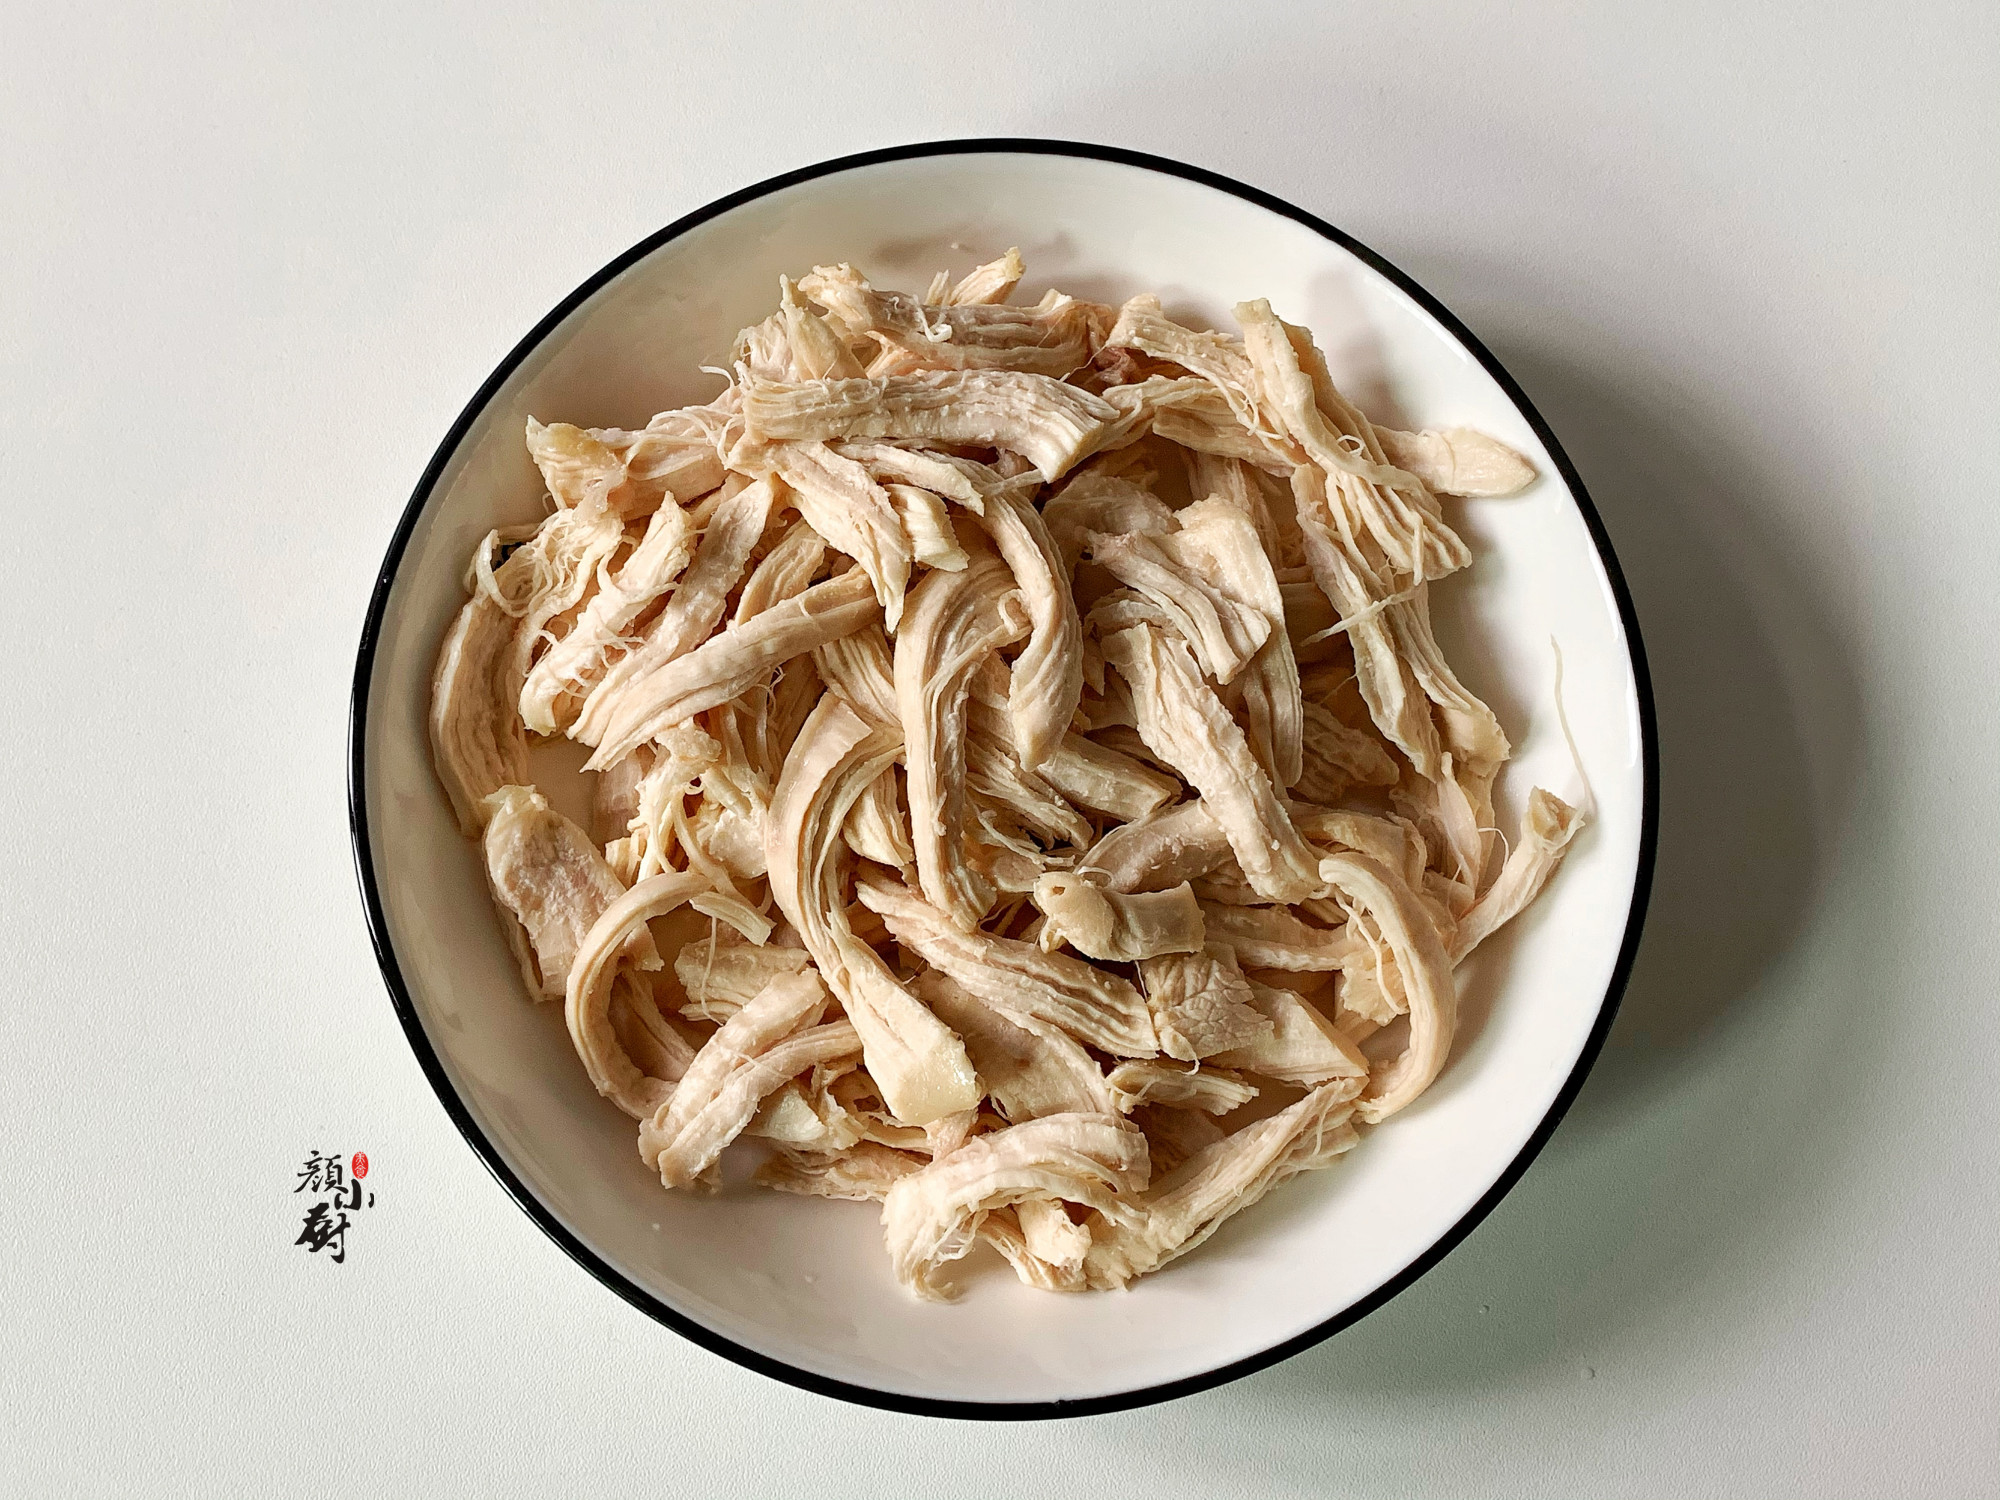 4月,遇到這鹼性食材要多吃,拌一拌就上桌,營養又低脂,別錯過